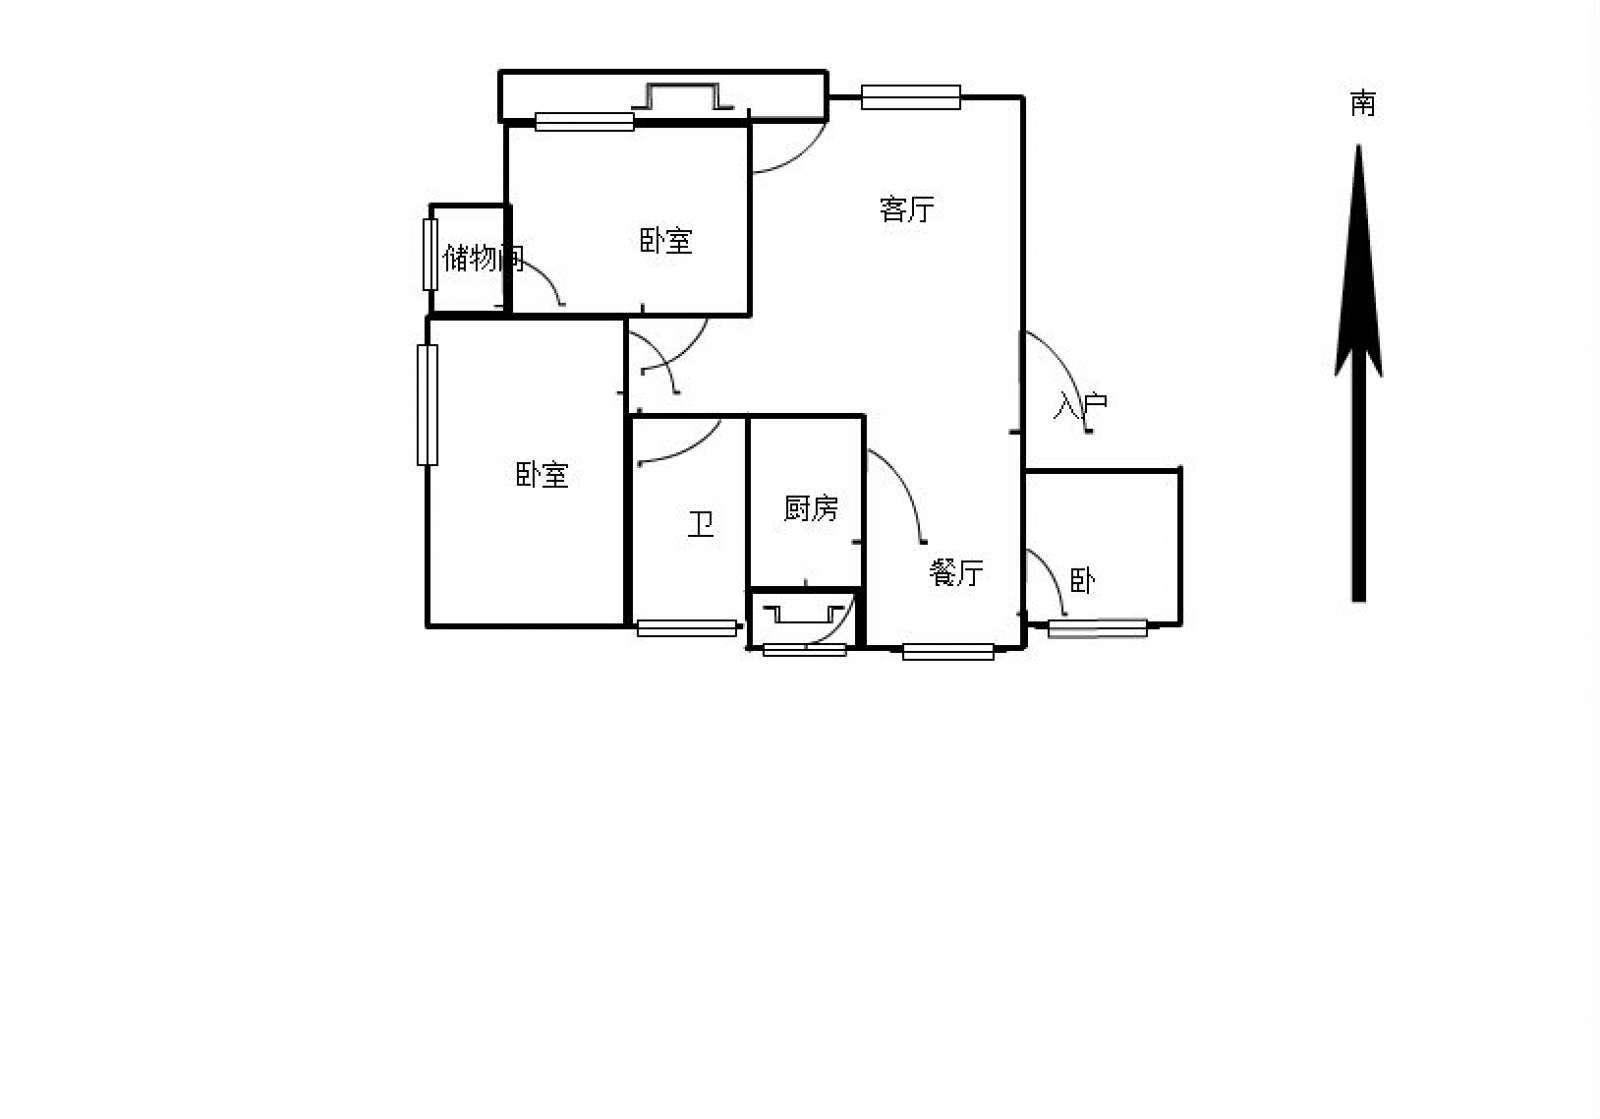 柴桑春天三区 3室2厅96㎡